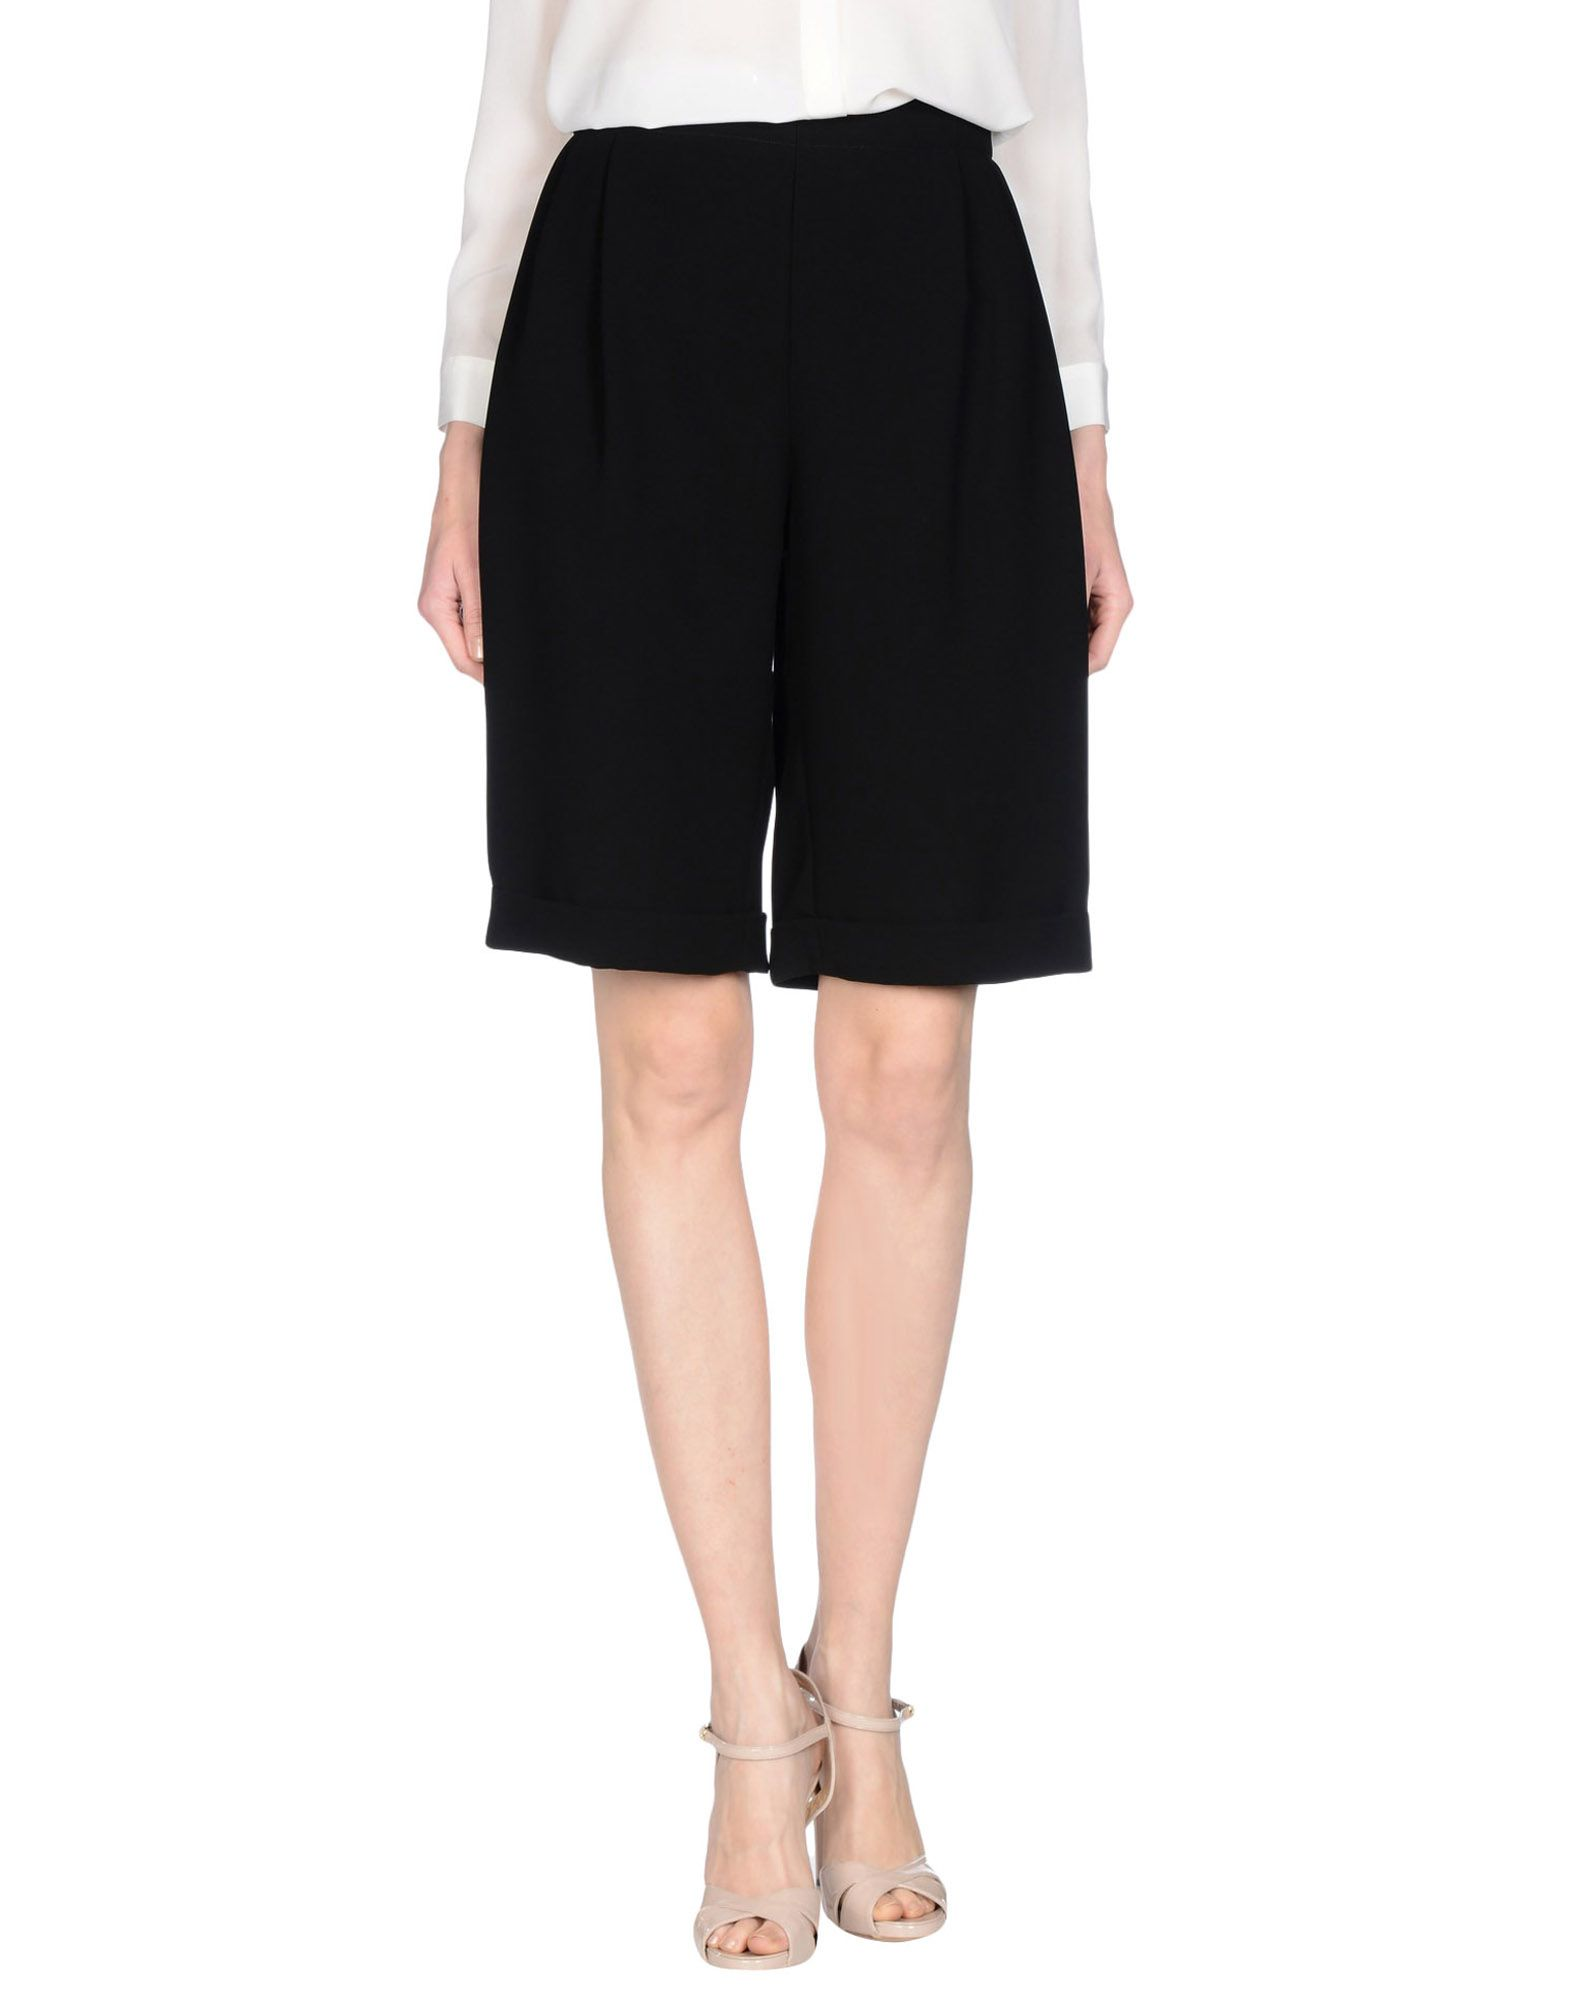 Pantalone Classico Mcq Alexander Mcqueen Donna - Acquista online su vKJsn